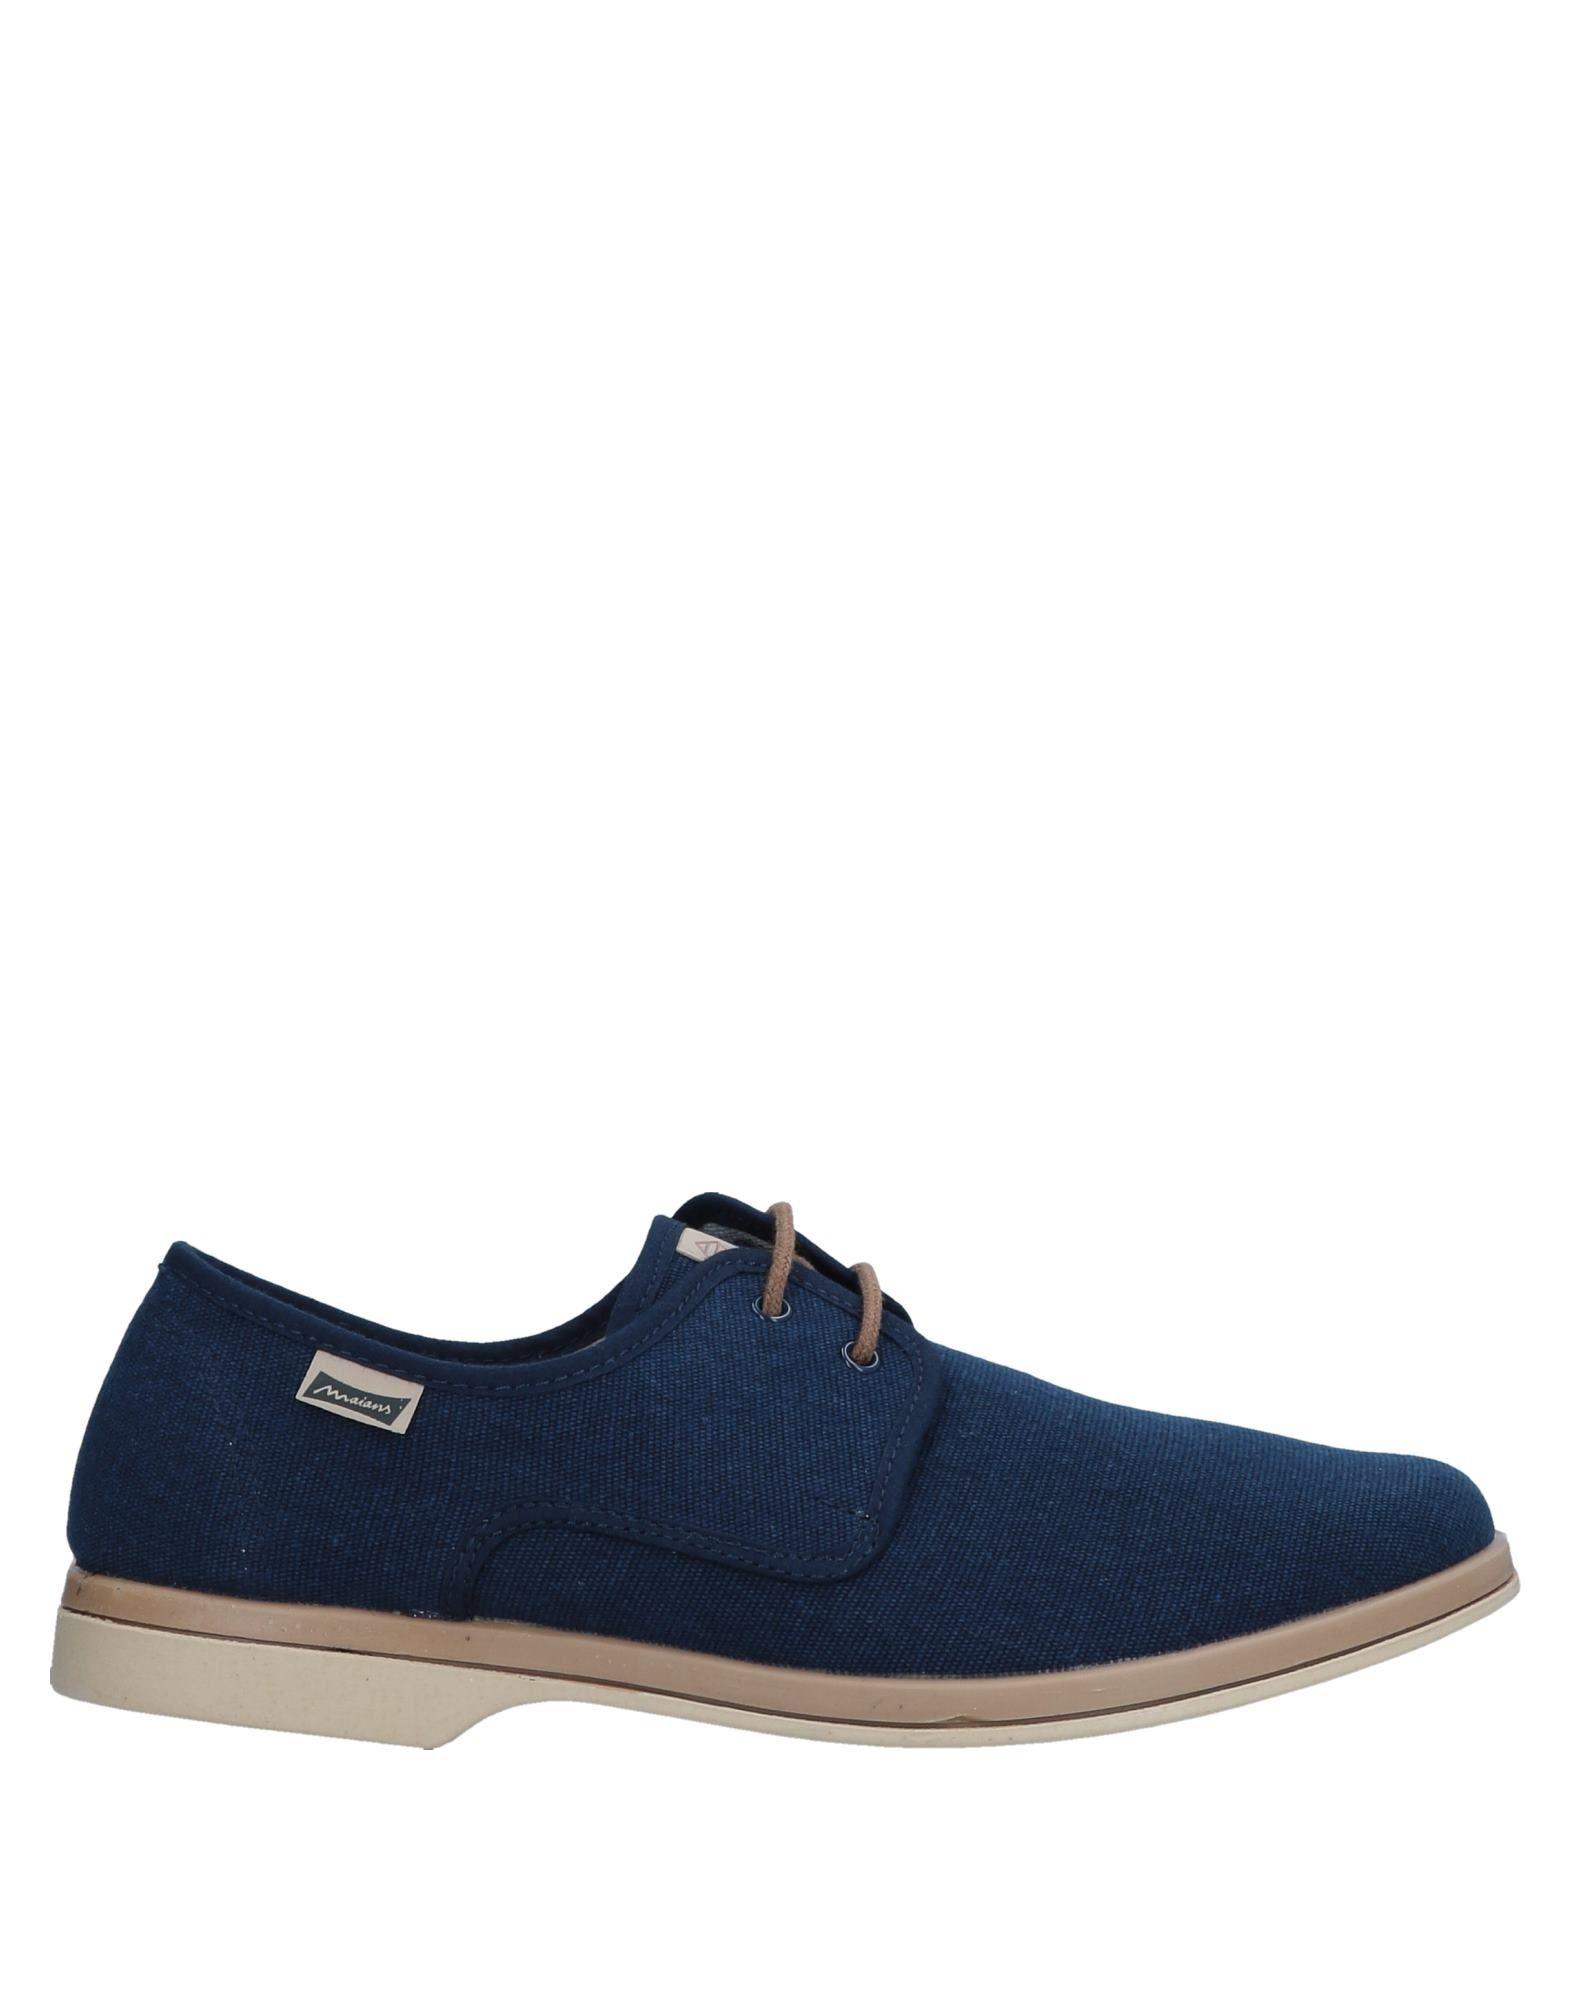 Sneakers Maians Homme - Sneakers Maians  Bleu foncé Super rabais